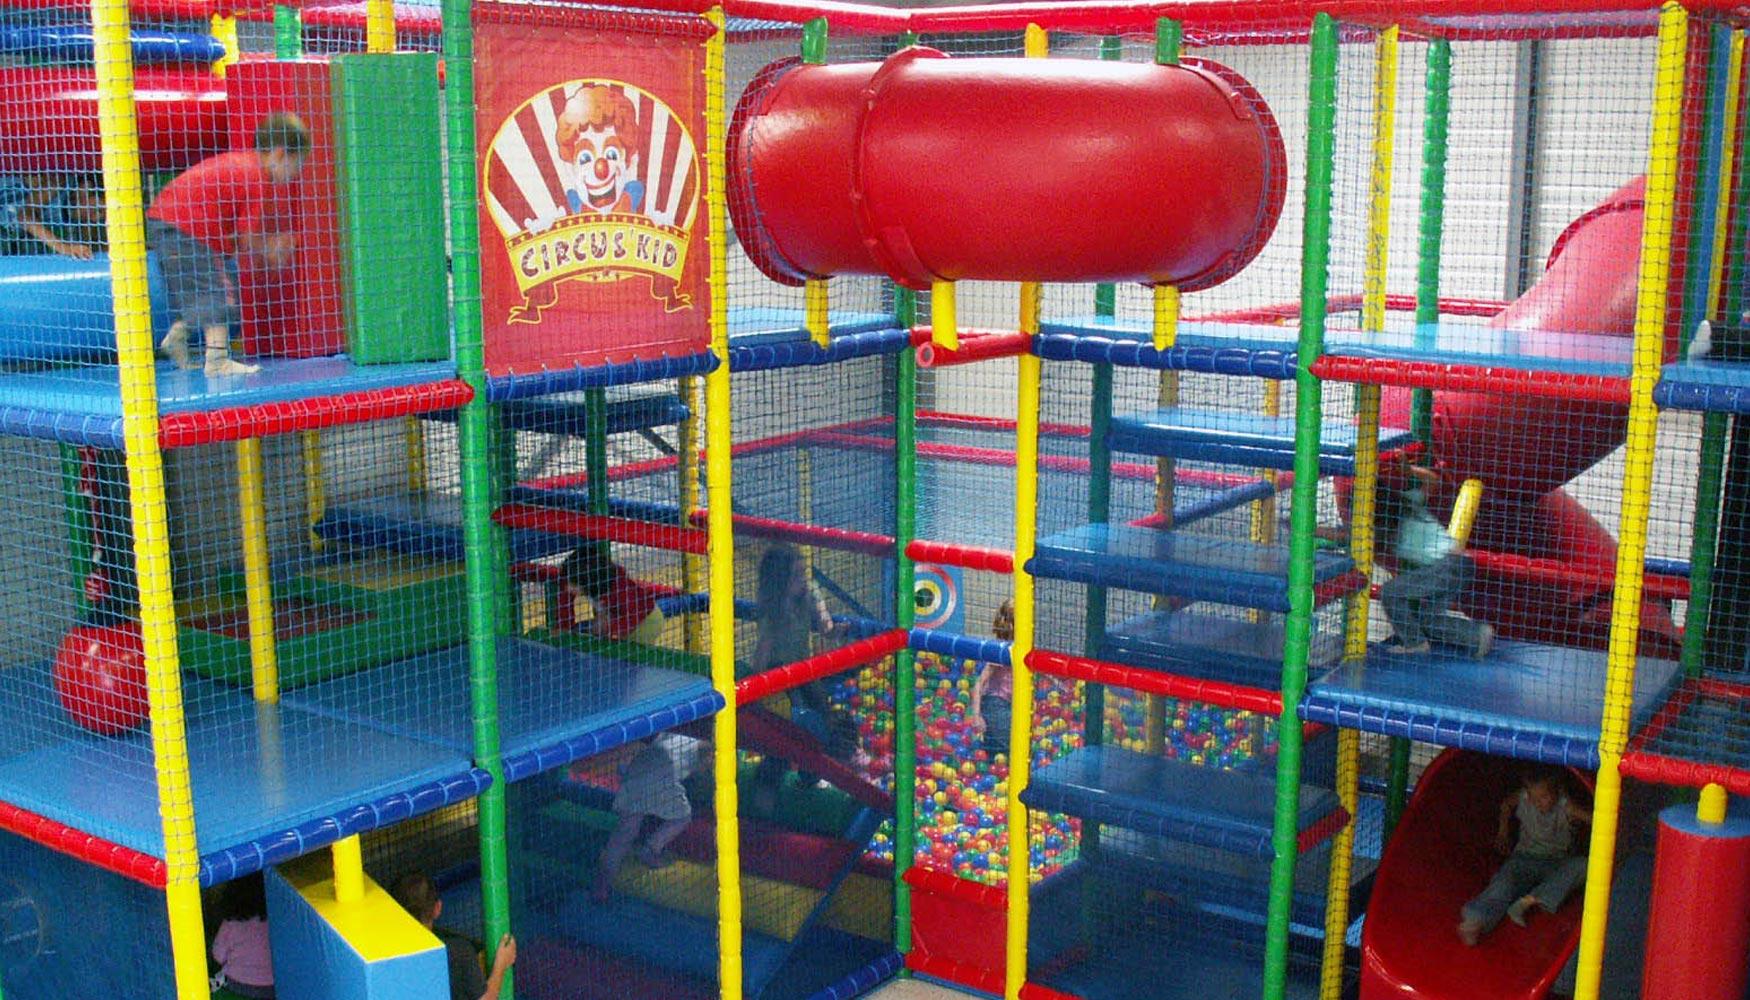 ejemplo de instalacin de un parque infantil de icolandia en un centro comercial